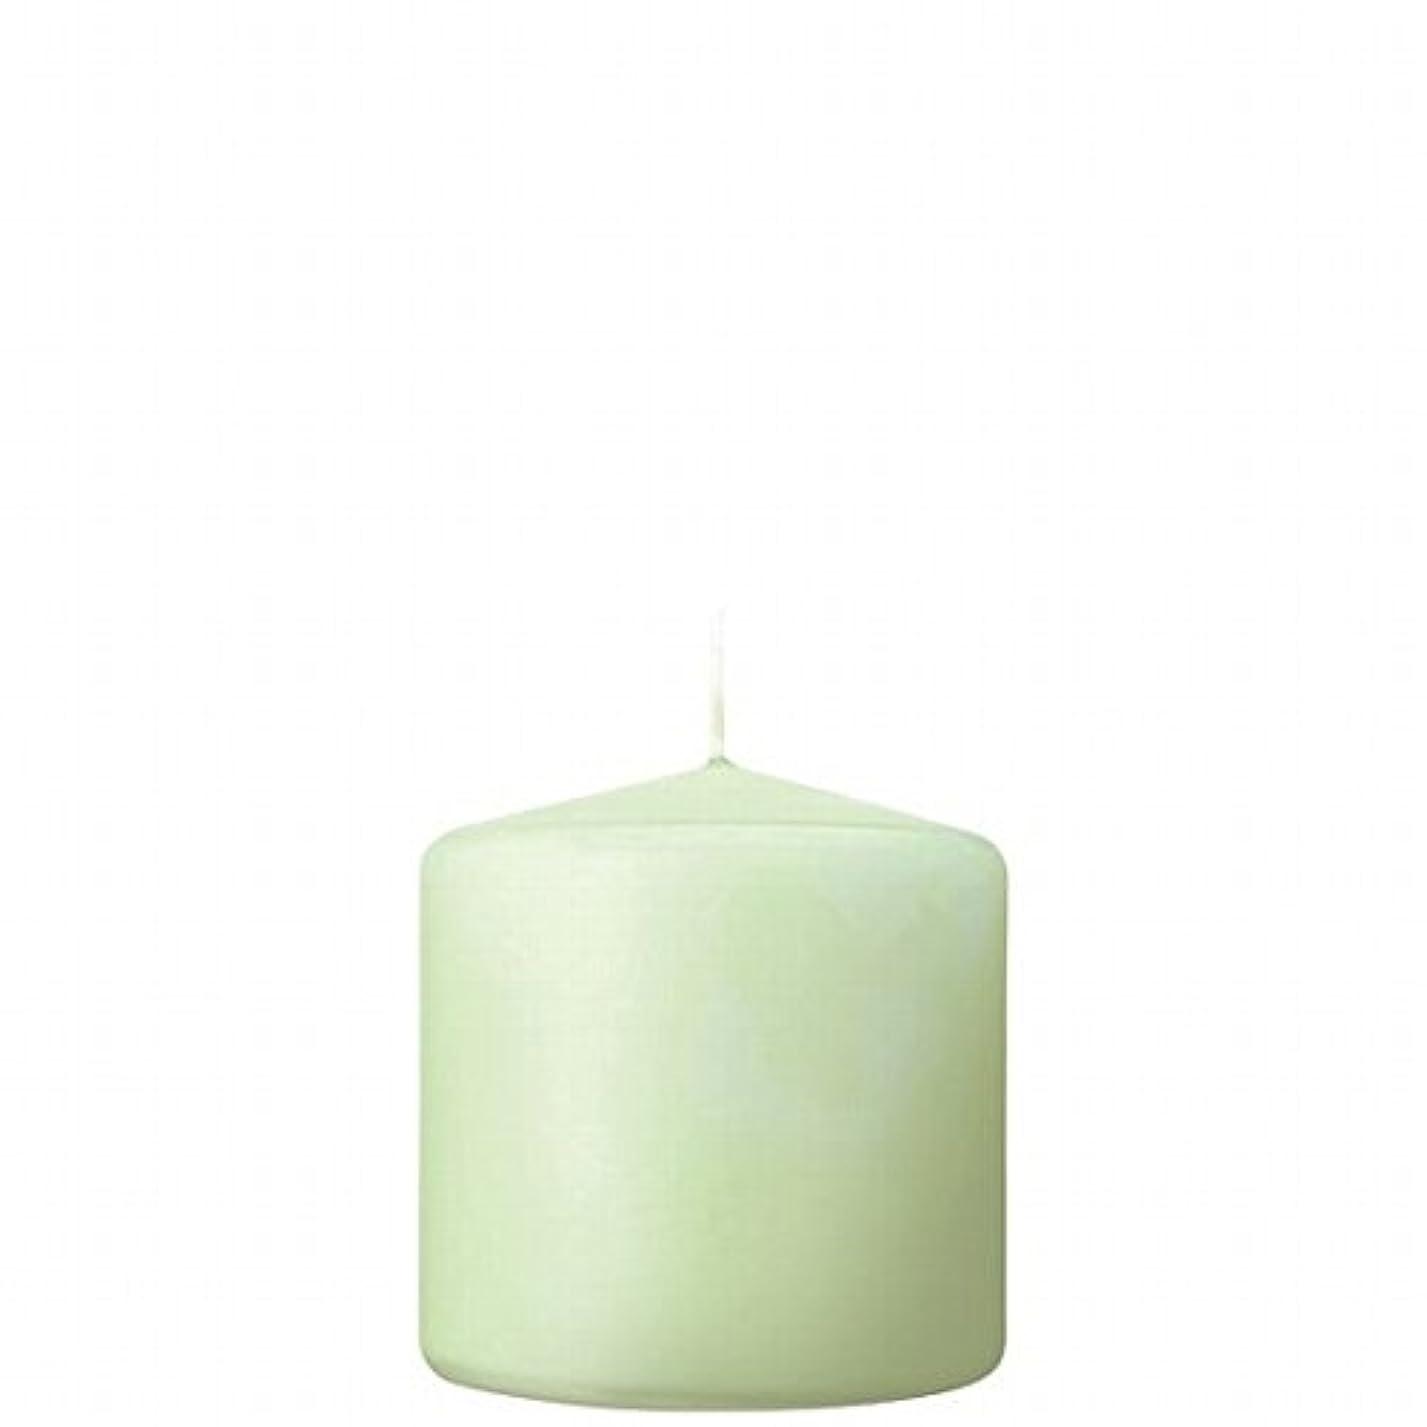 紫の不快な叙情的なカメヤマキャンドル( kameyama candle ) 3×3ベルトップピラーキャンドル 「 ホワイトグリーン 」